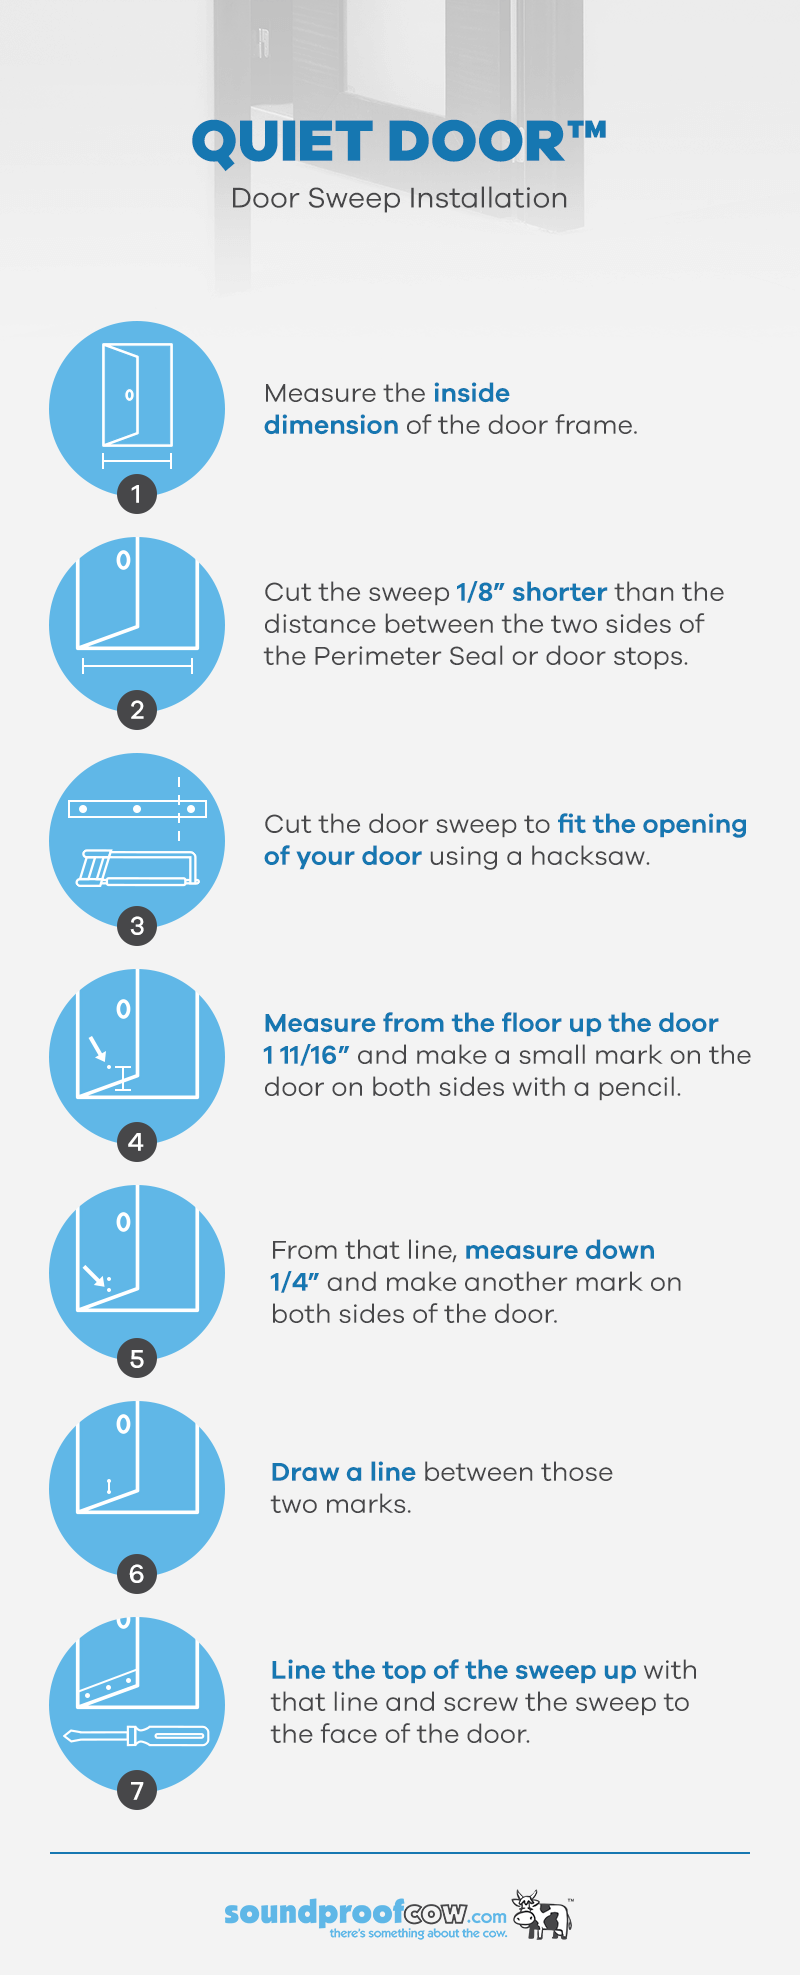 Quiet Door Door Sweep Installation Instructions